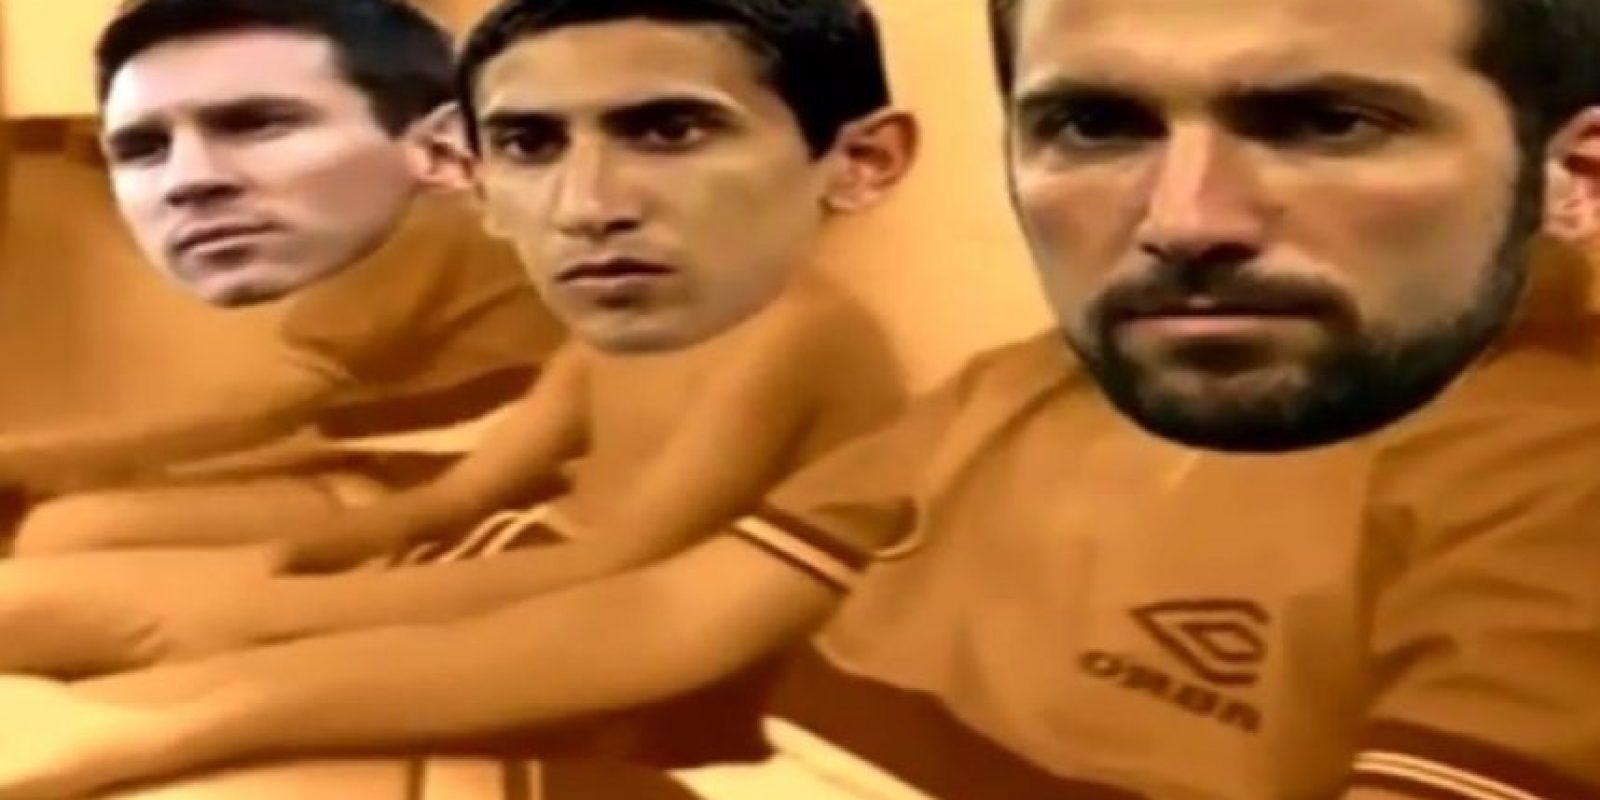 Por eso, los mismos argentinos ya se intentan tomar con humor su desgracia y crearon una parodia con la serie Cebollitas Foto:Captura de pantalla